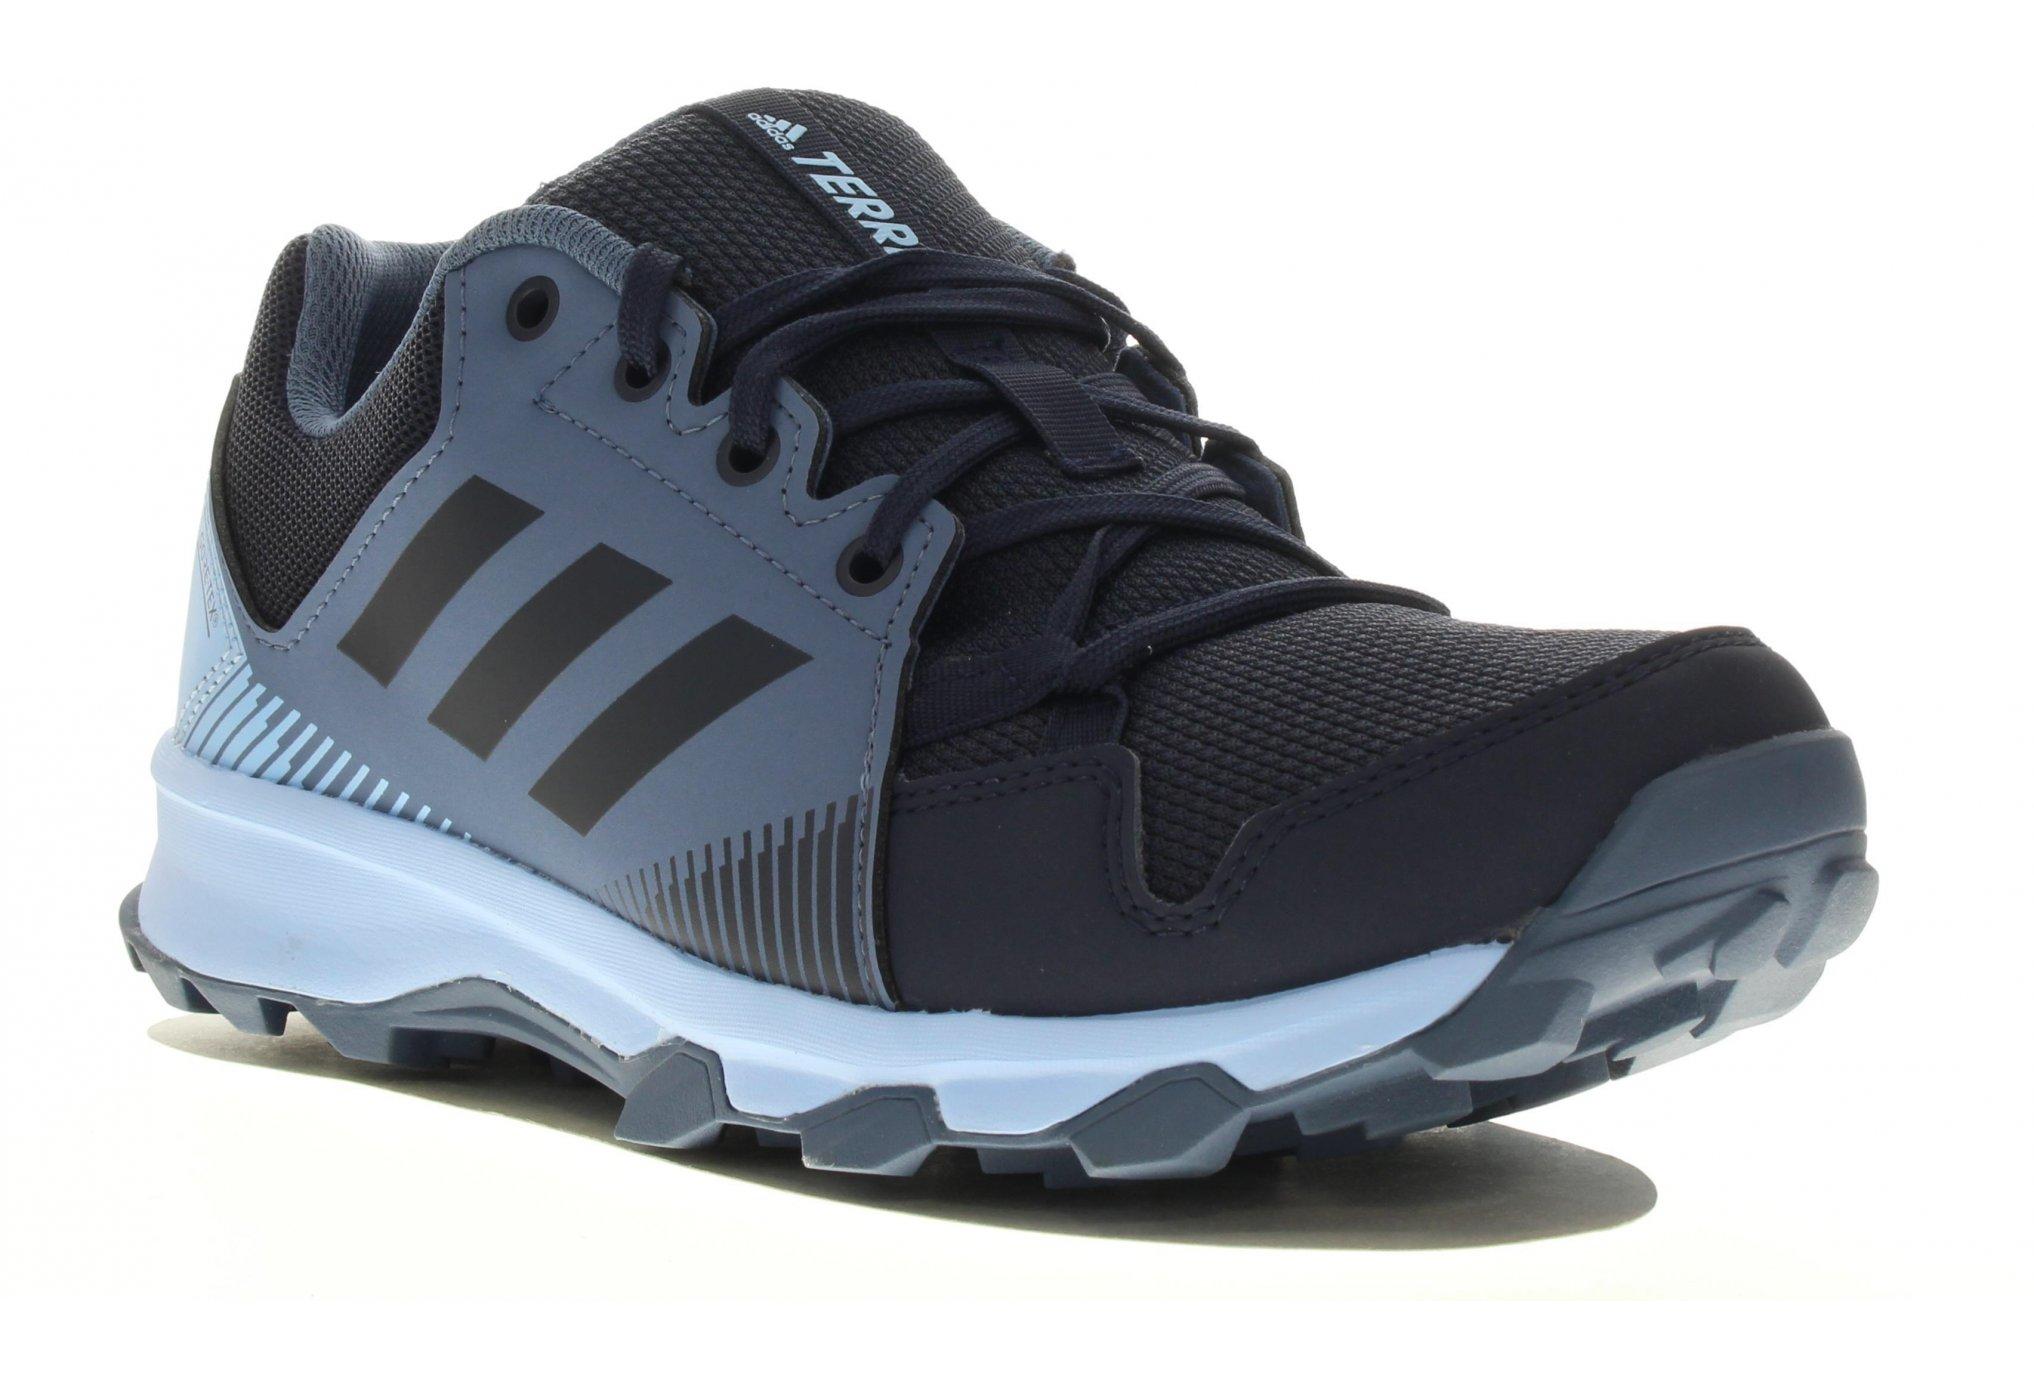 adidas Terrex Tracerocker GTX Chaussures running femme